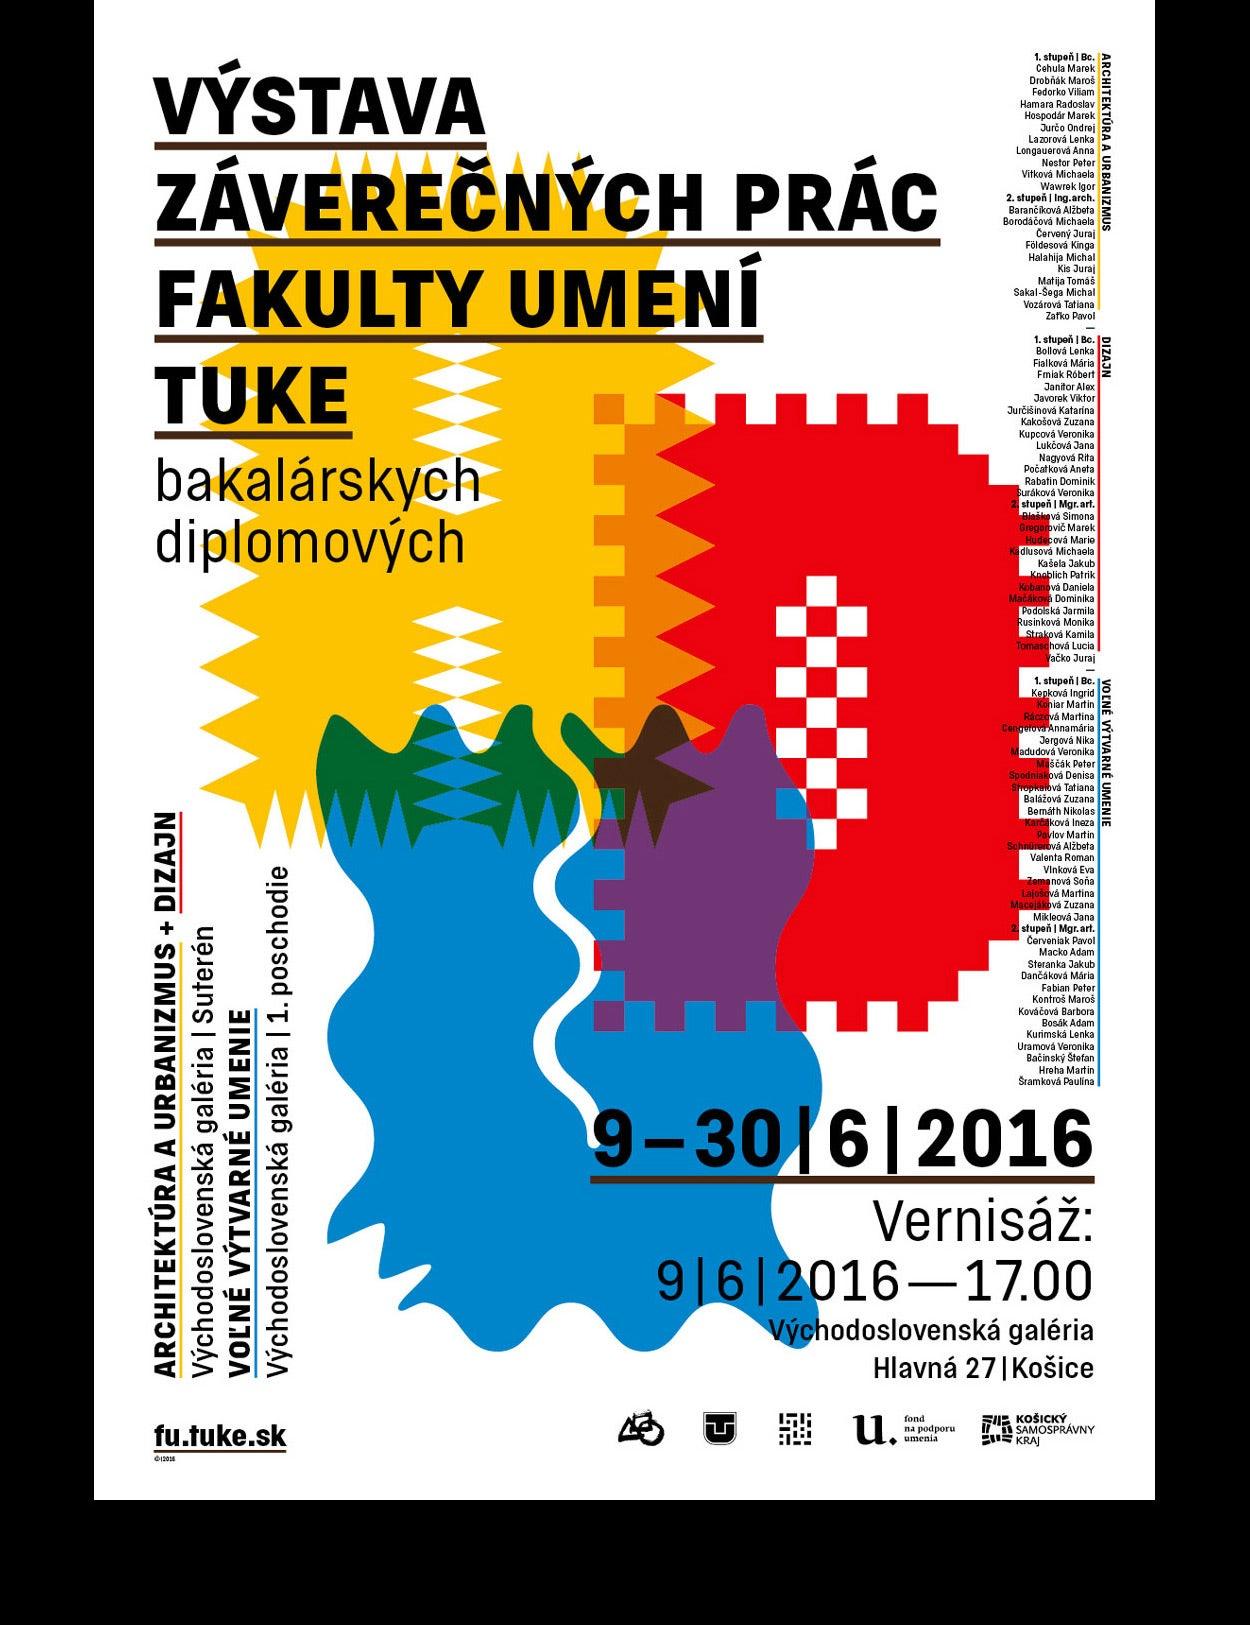 FU_Poster_04.jpg